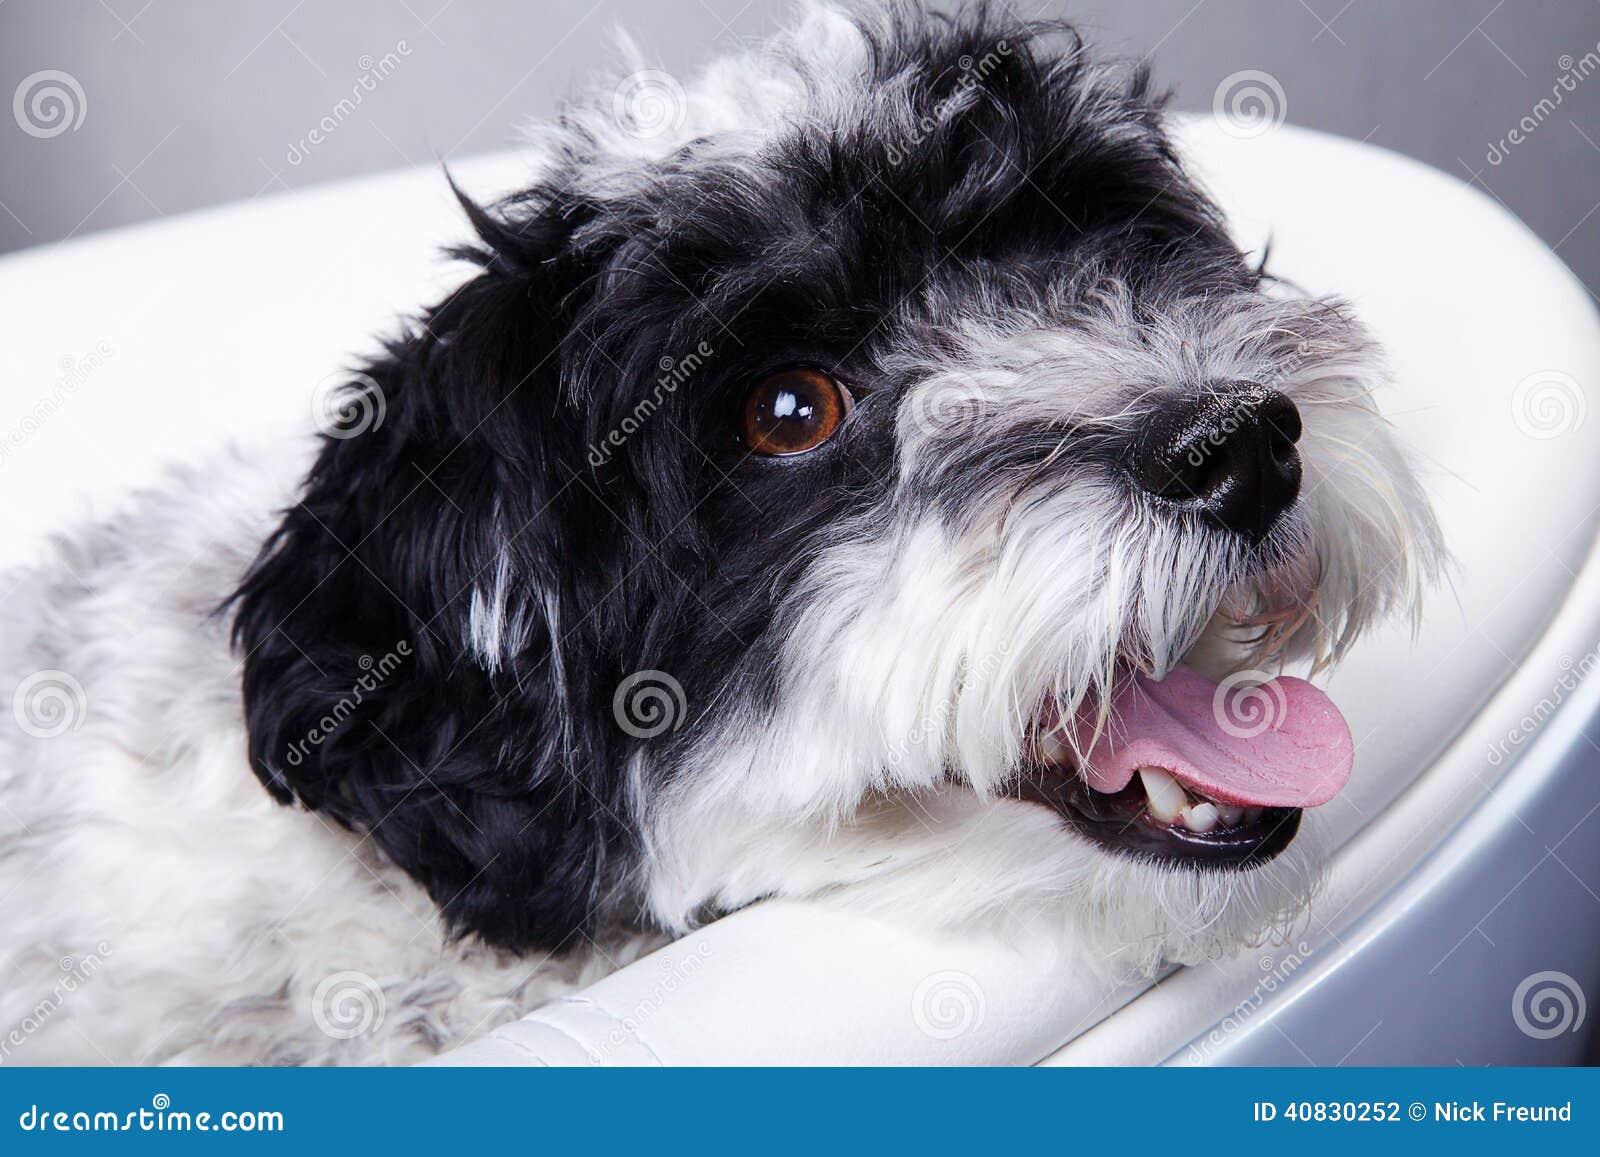 image petit chien noir et blanc. Black Bedroom Furniture Sets. Home Design Ideas